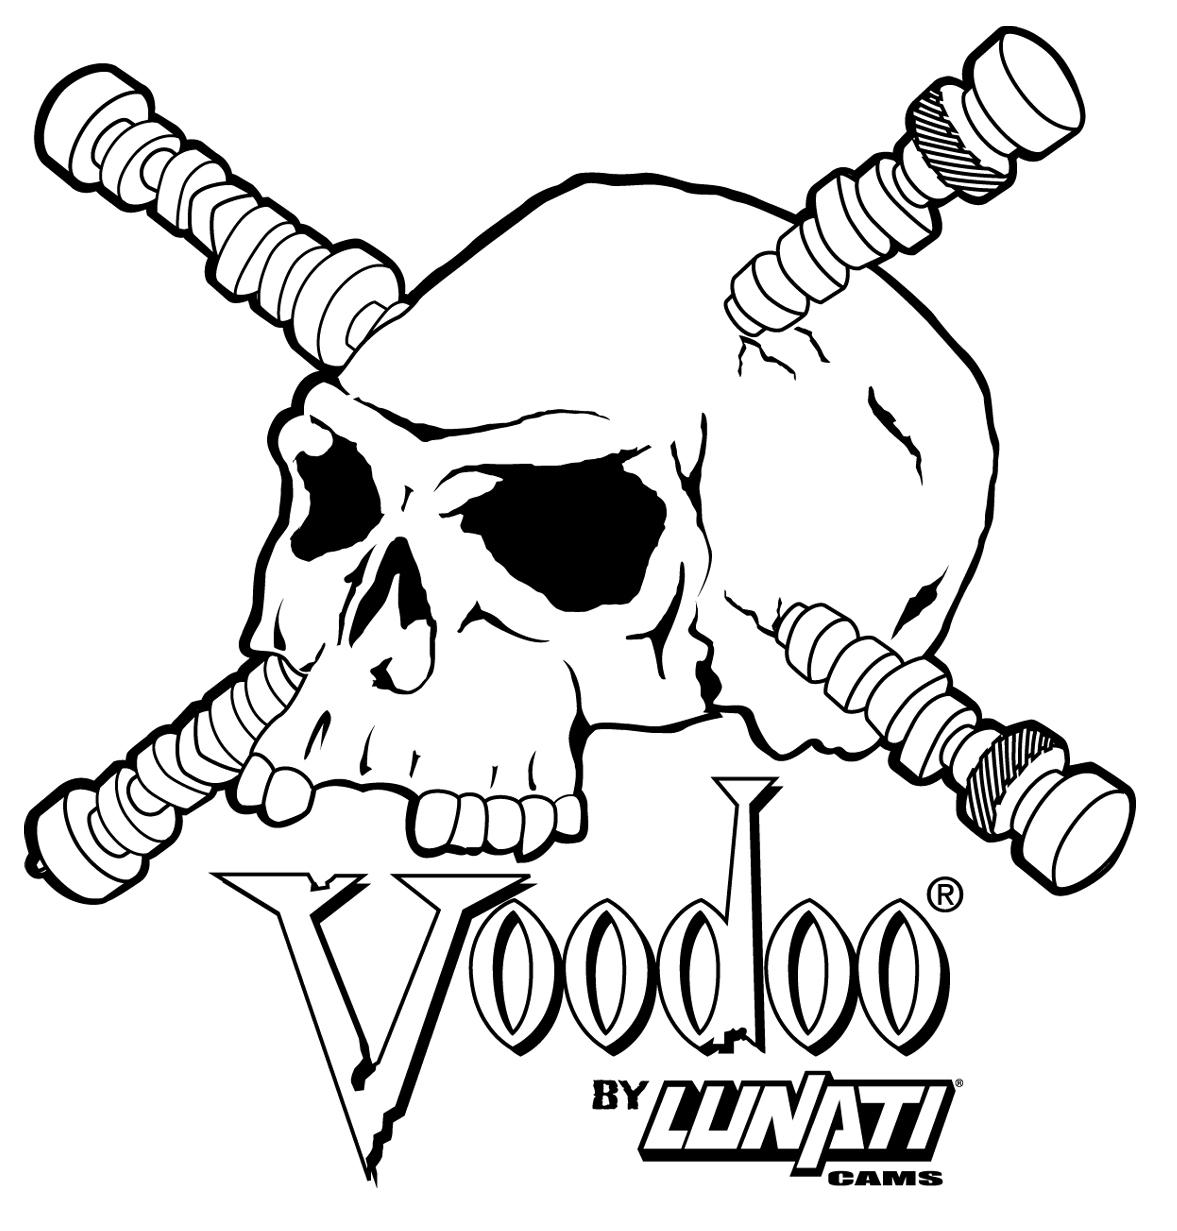 voodoo-logo-3.jpg